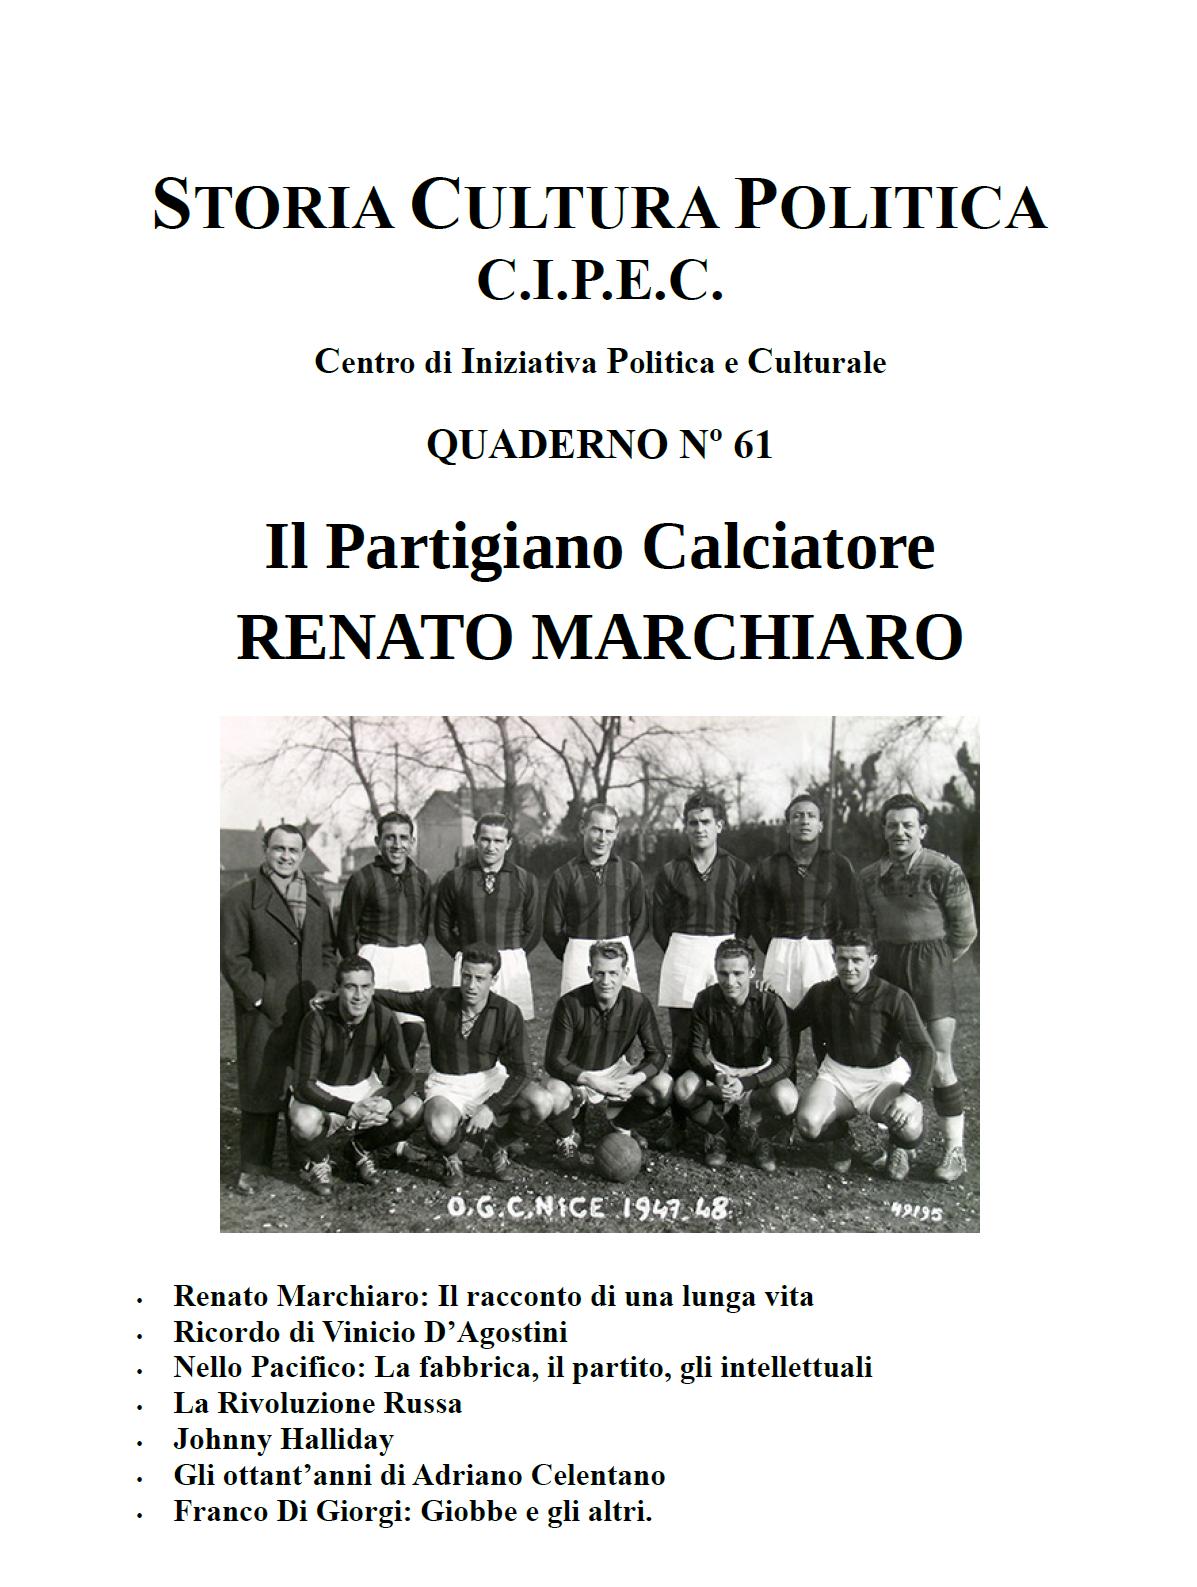 Quaderno CIPEC 61: Il Partigiano Calciatore. Renato Marchiaro